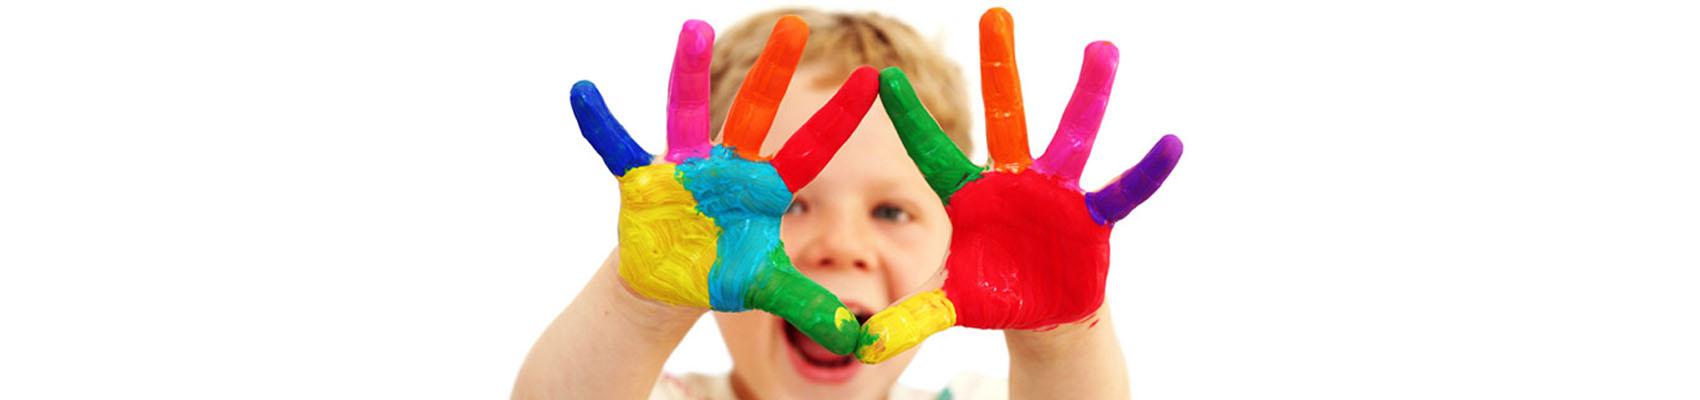 banner hands loesa